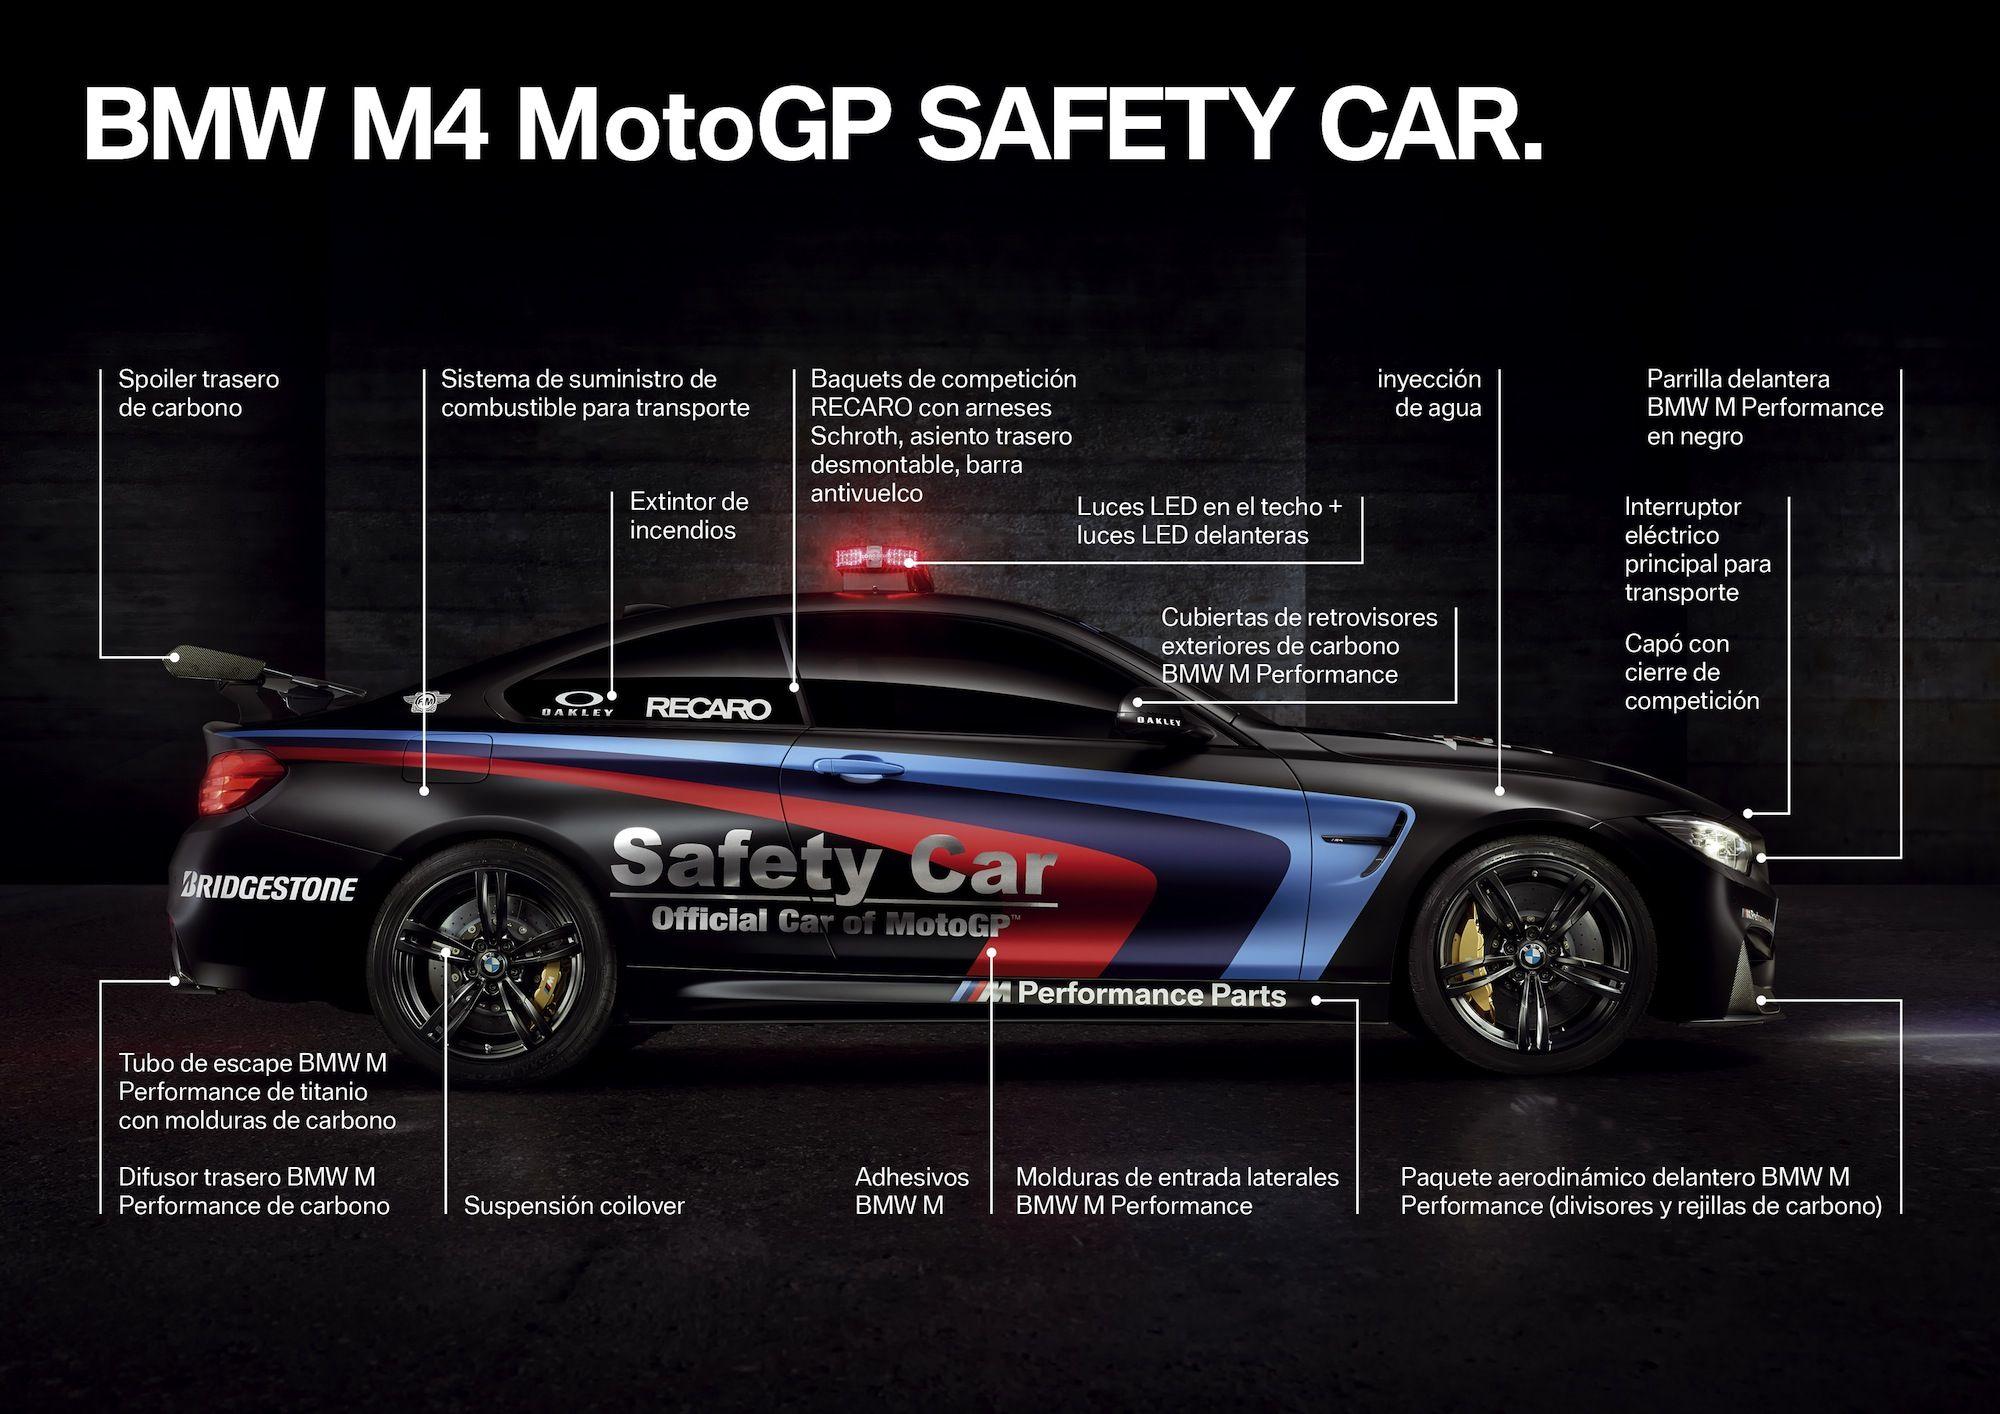 BMW M4 MotoGP SAFETY CAR 加持 と 車